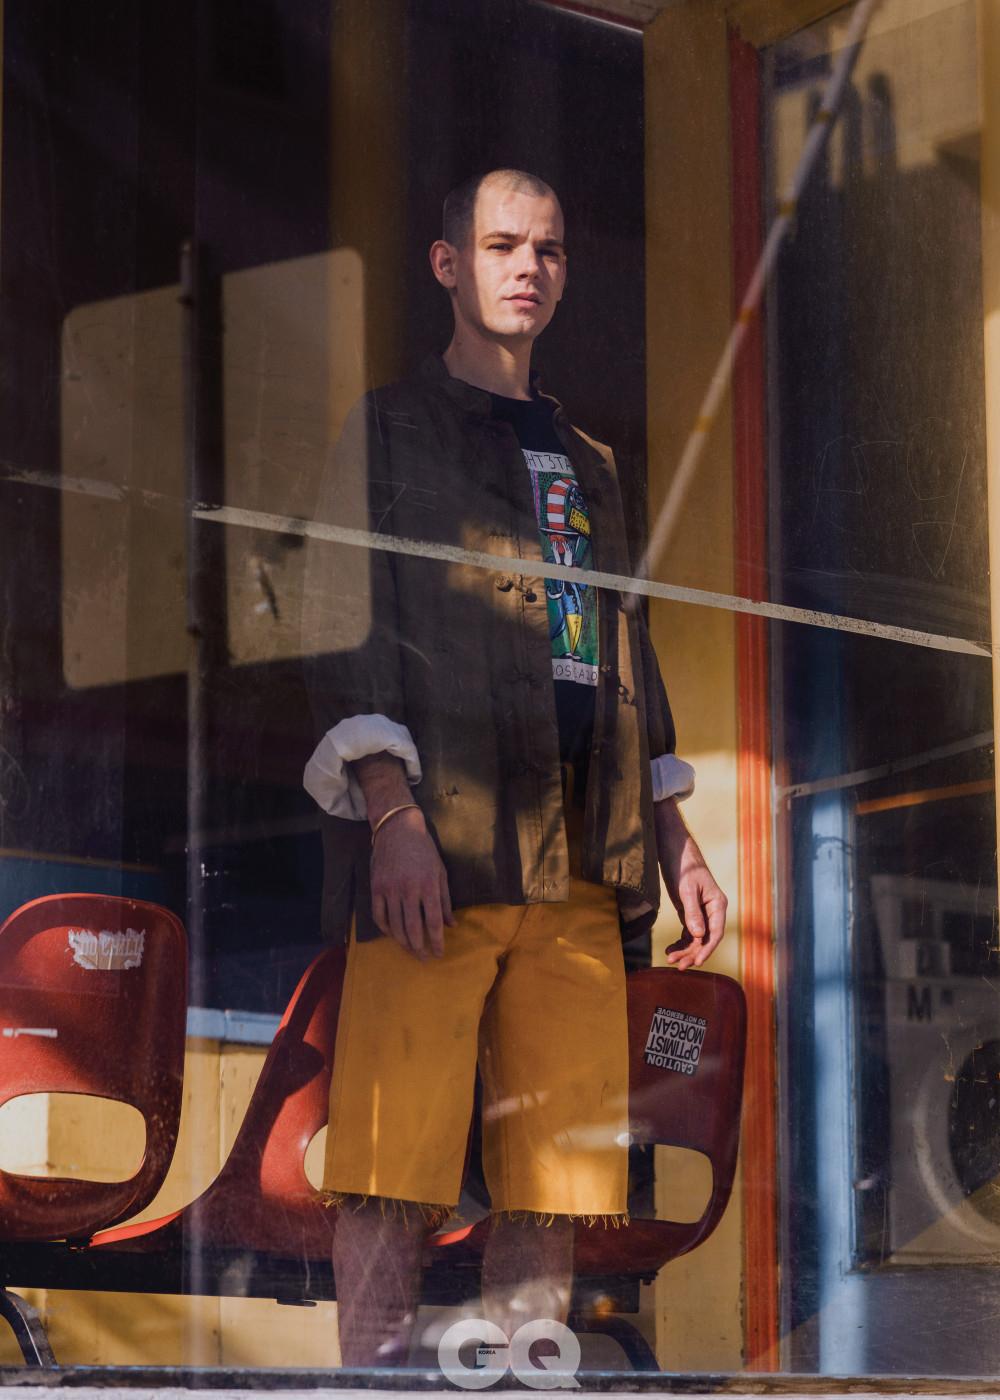 재킷 가격 미정, 비스빔. 티셔츠 가격 미정, GX1000. 쇼츠 $590, 구찌.